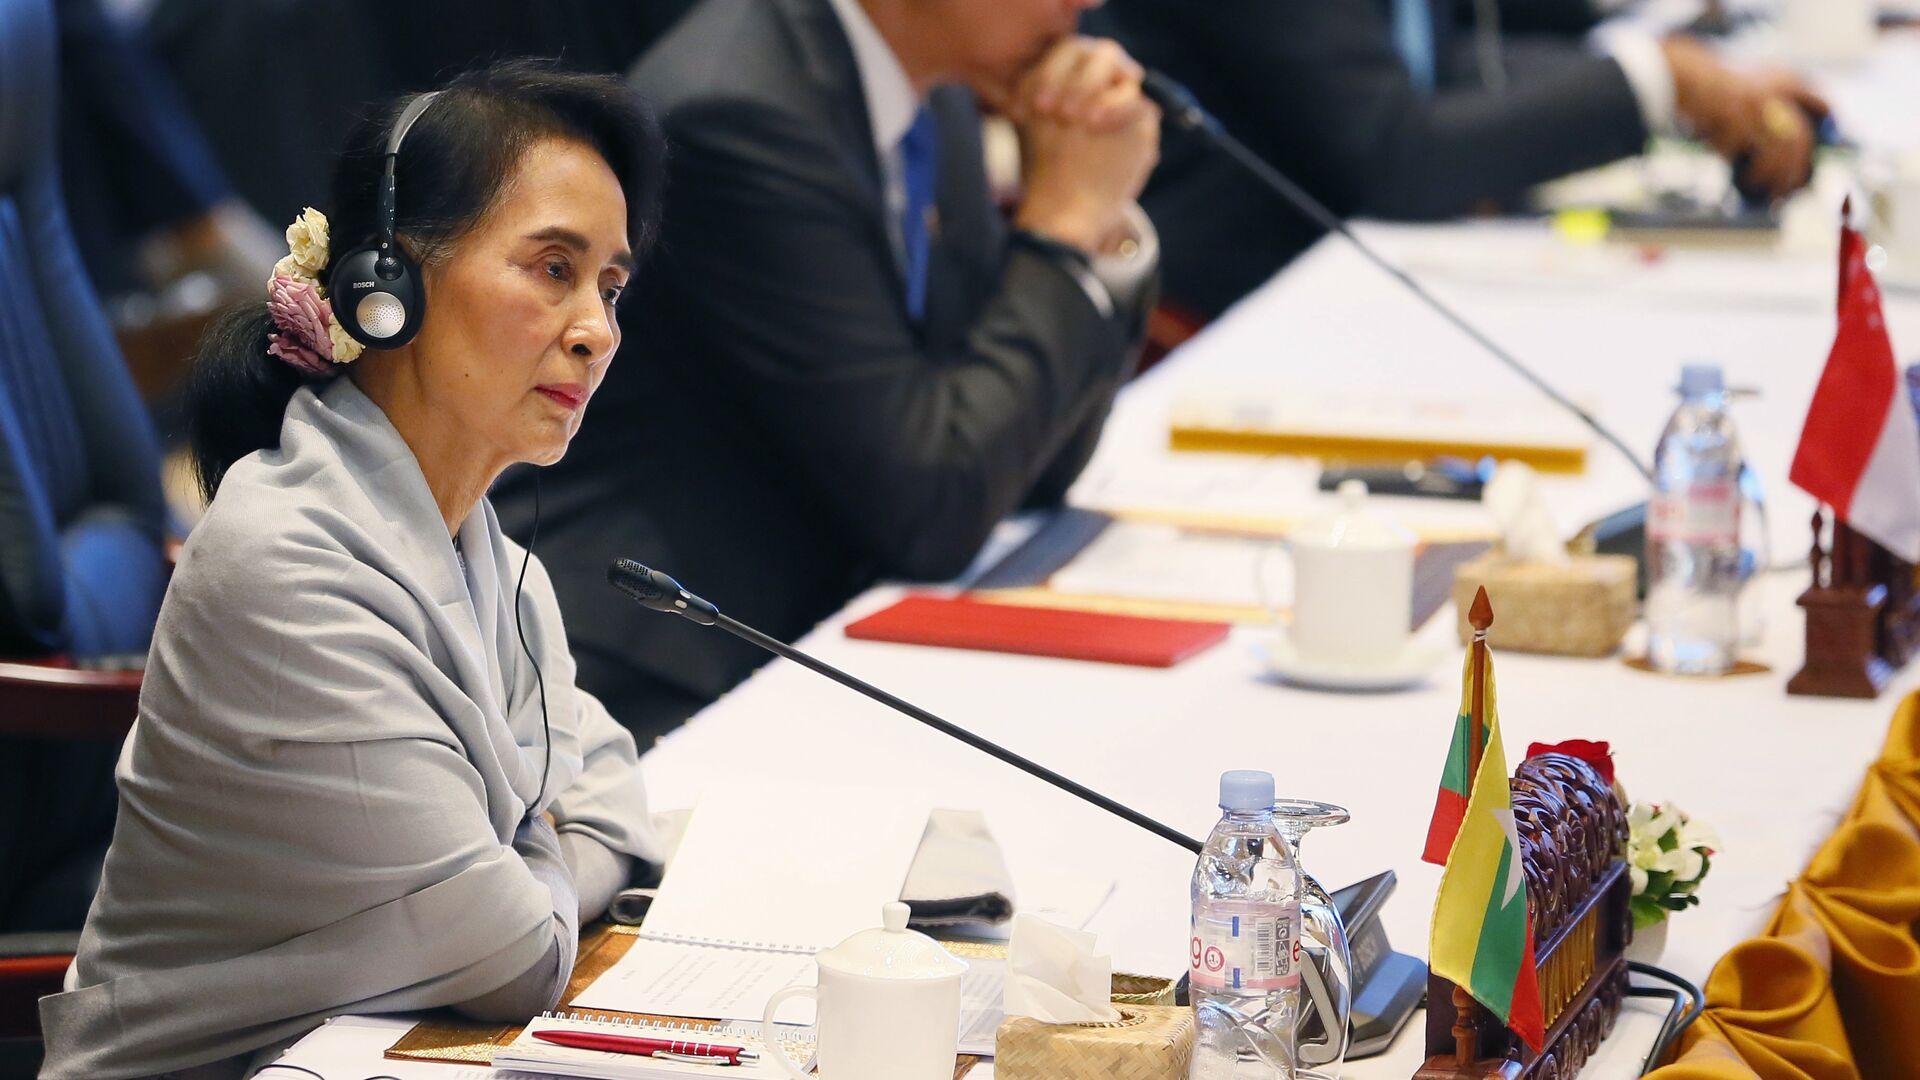 Министр иностранных дел Мьянмы Аун Сан Су Чжи на саммите АСЕАН в Лаосе - РИА Новости, 1920, 01.03.2021